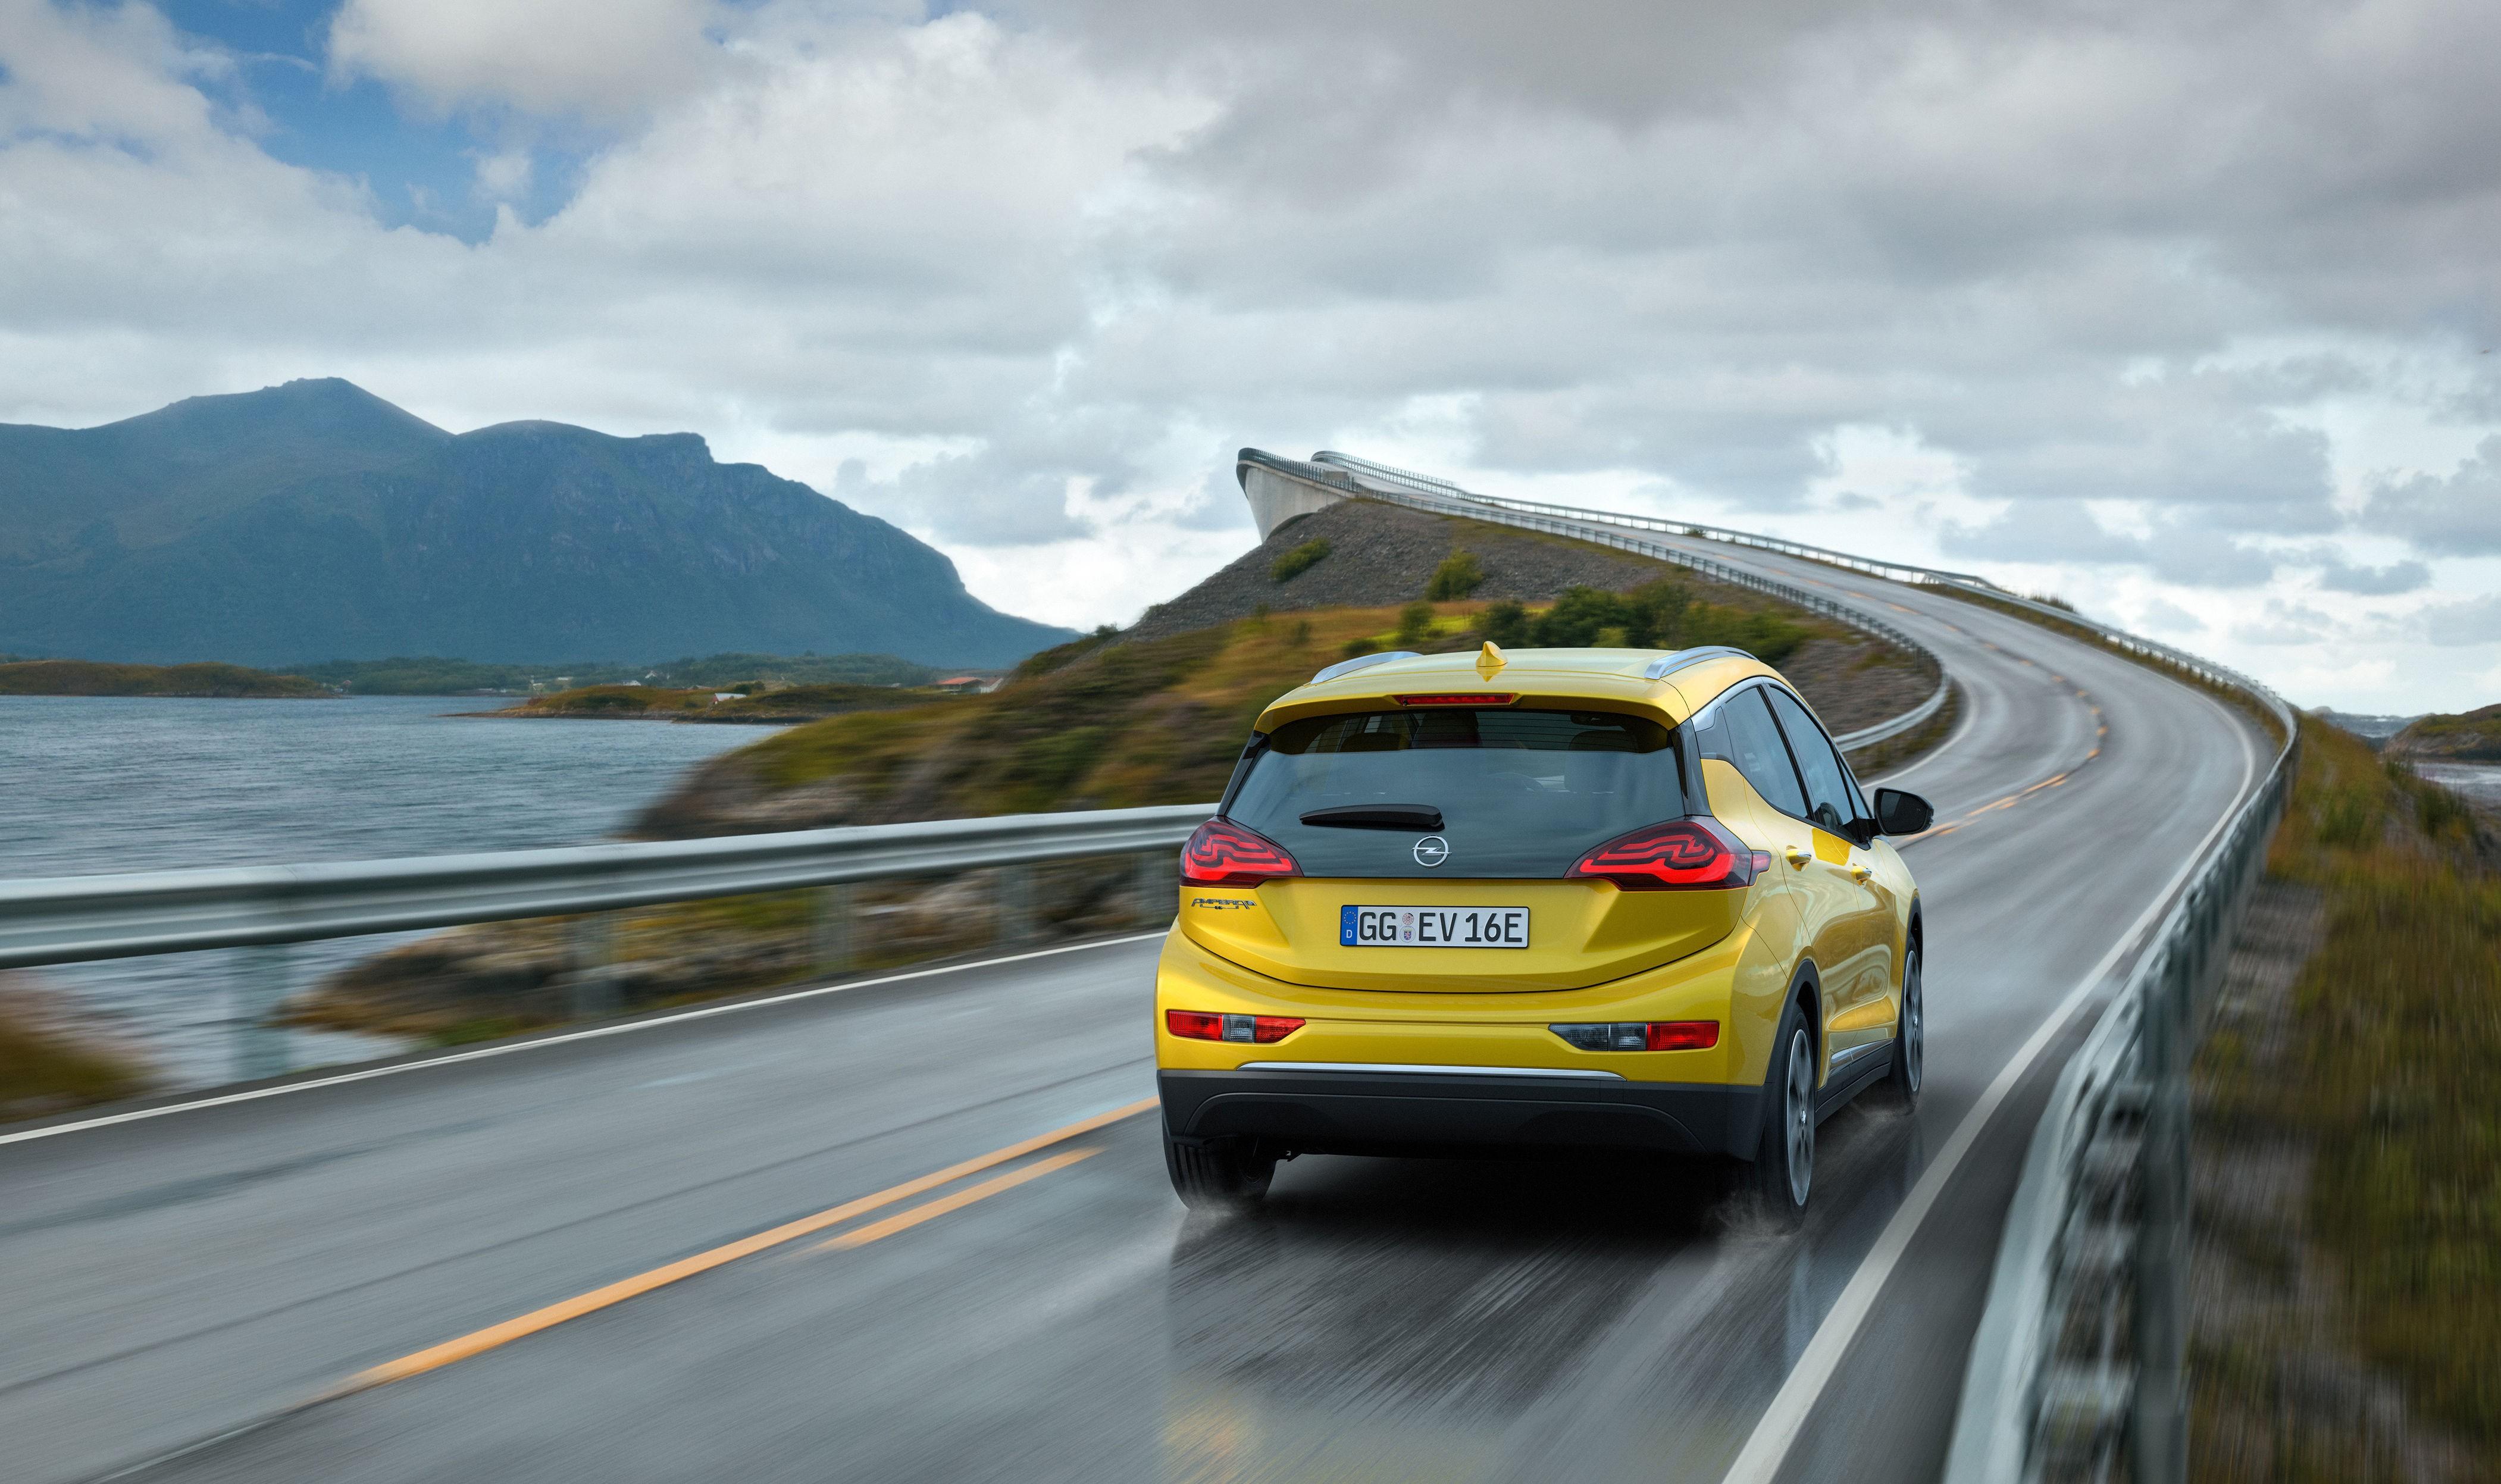 De offisielle pressebildene av nye Ampera-E er tatt på norske veier. Det er ikke tilfeldig. Britene har i dag fått beskjed om at de ikke engang vil få anledning til å kjøpe bilen.